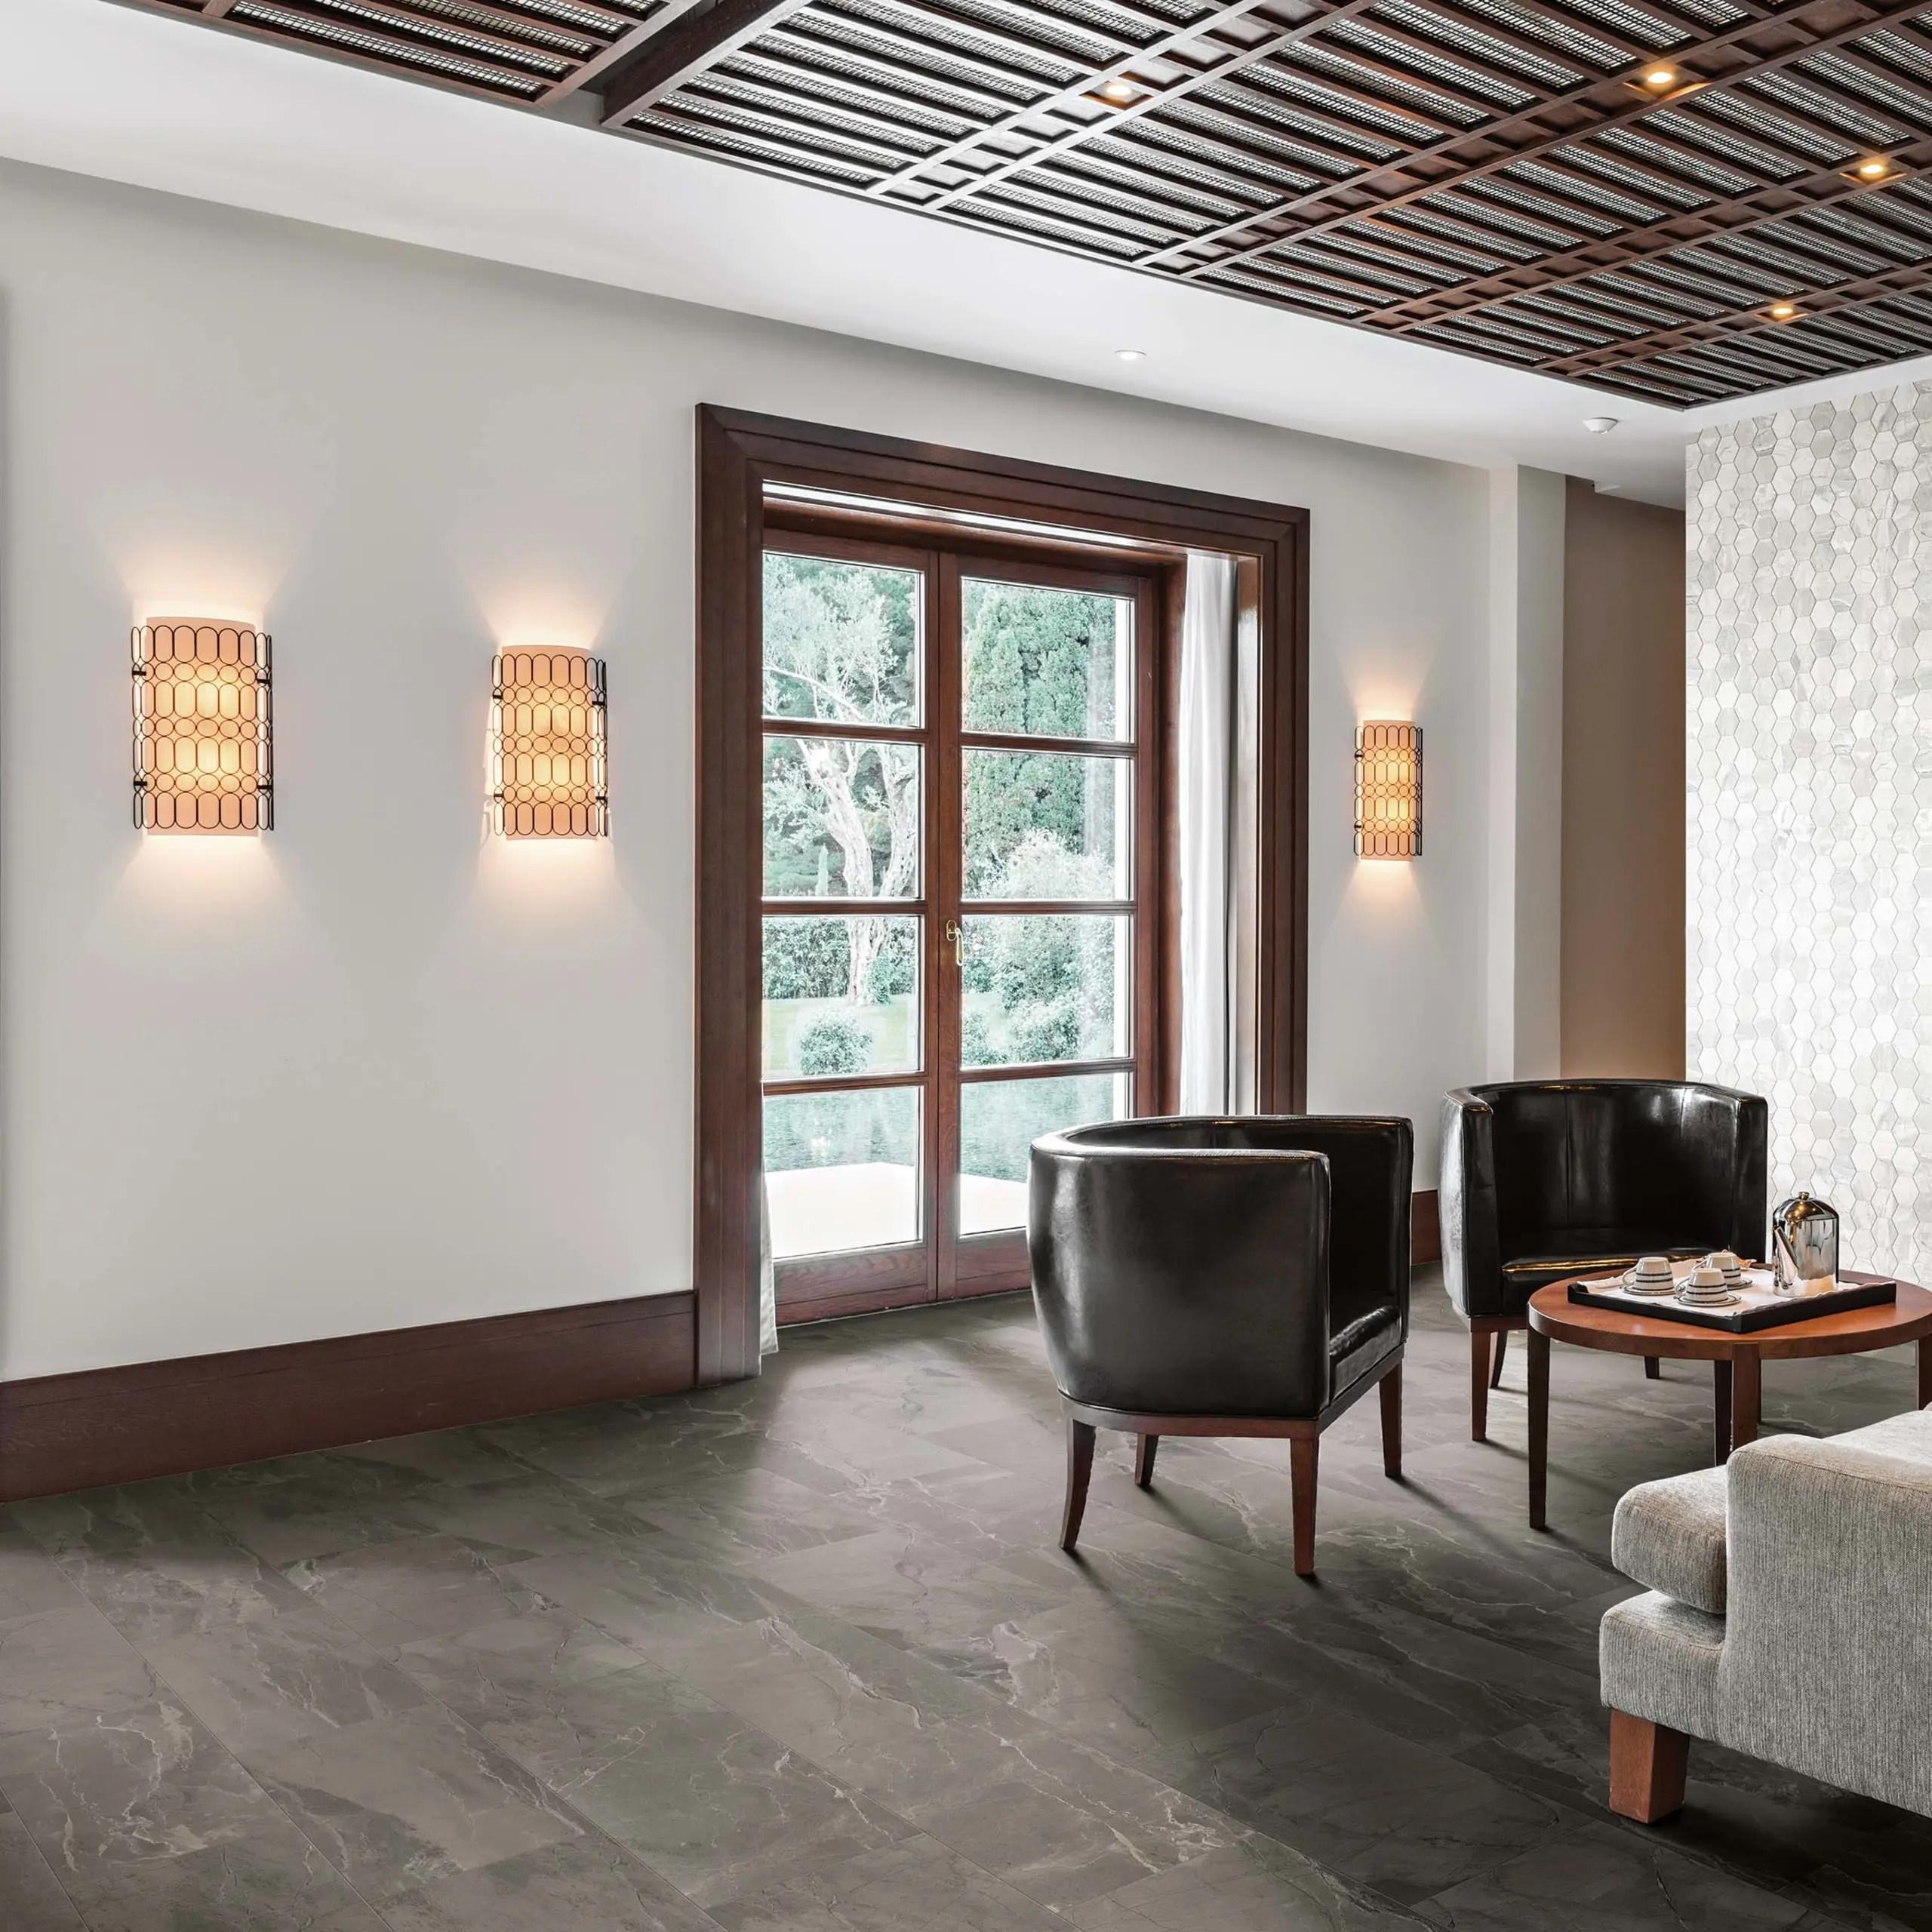 tesoro 12 x 24 floor wall tile in